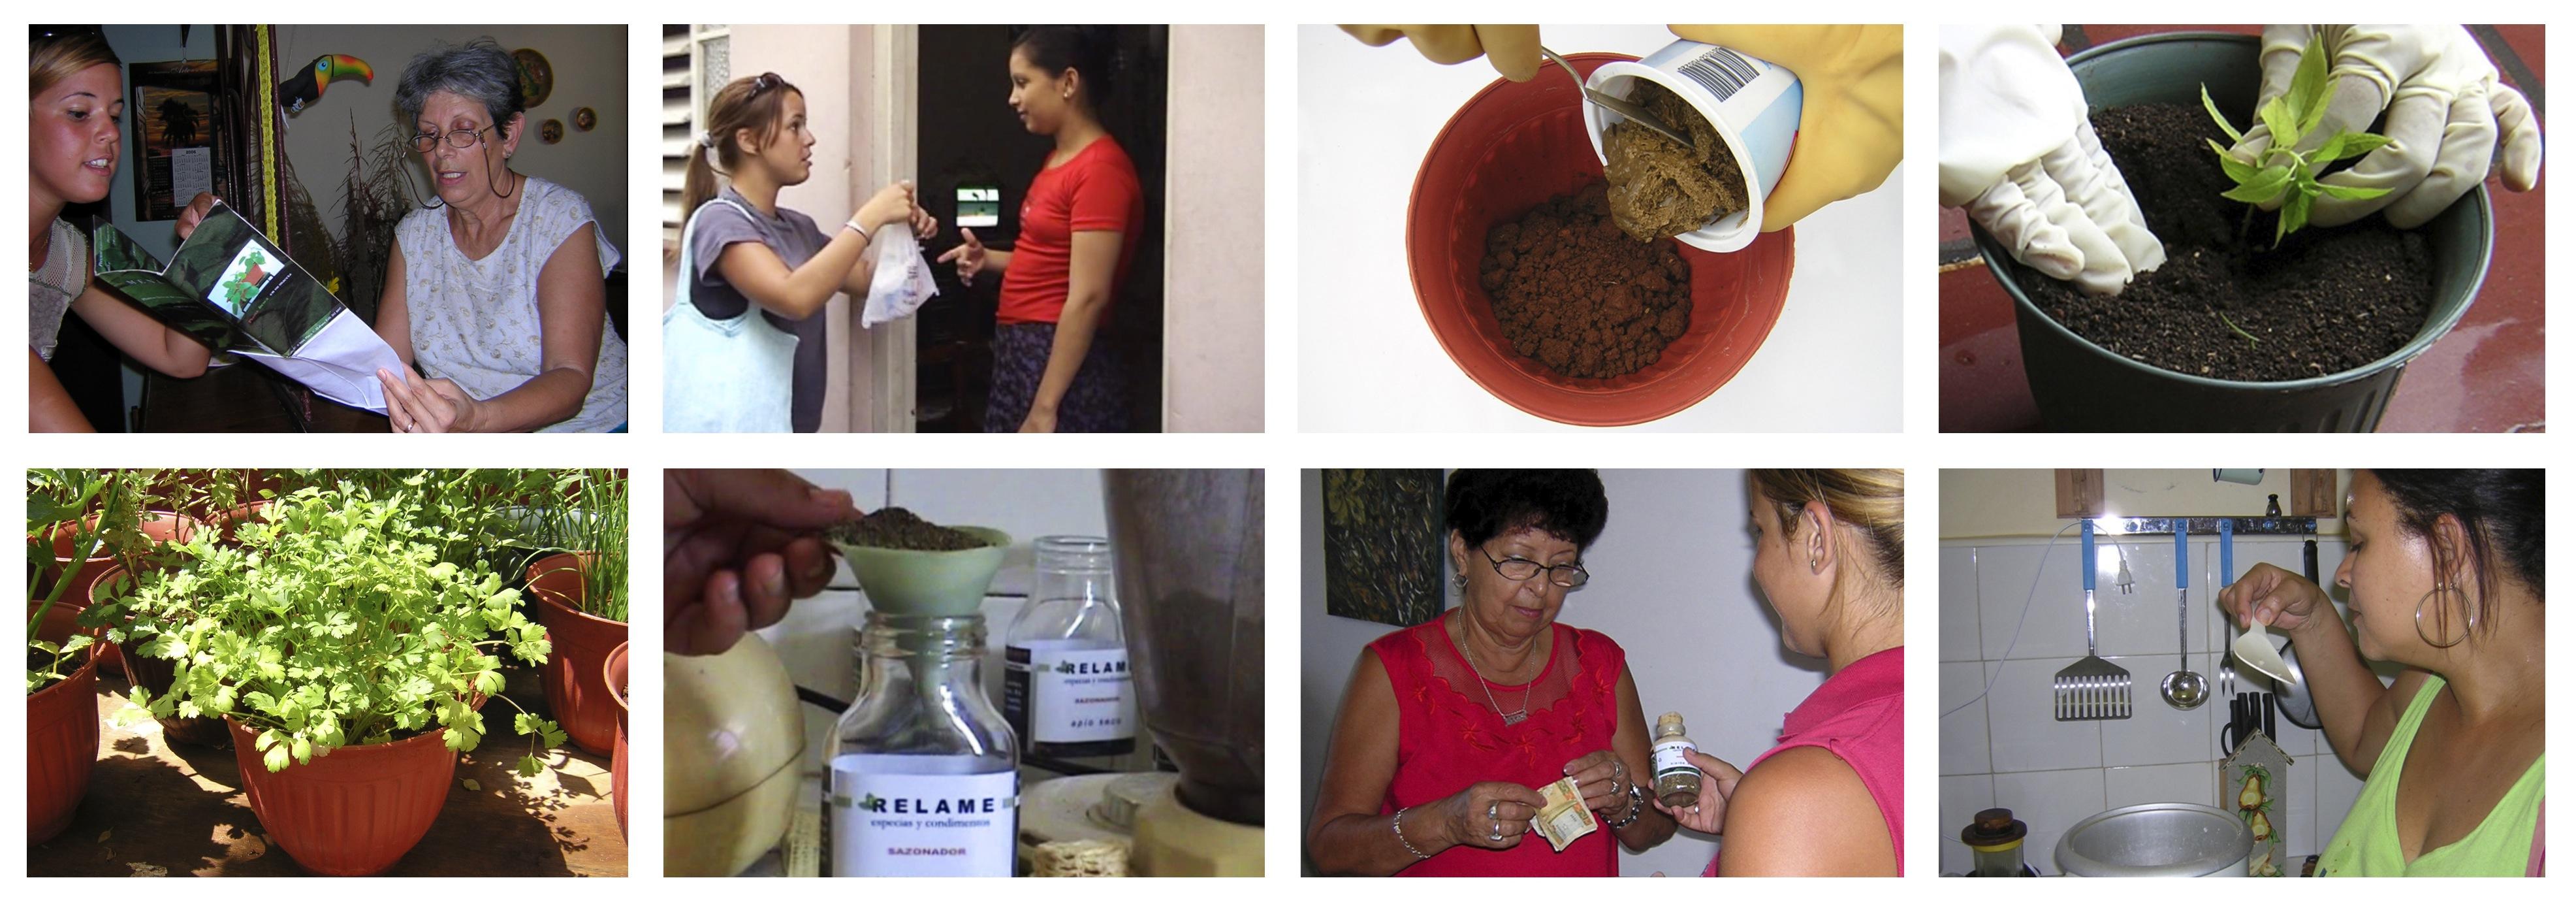 Con tu propio sabor, 2005,Grethell Rasúa (Imágenes cortesía de la artista)